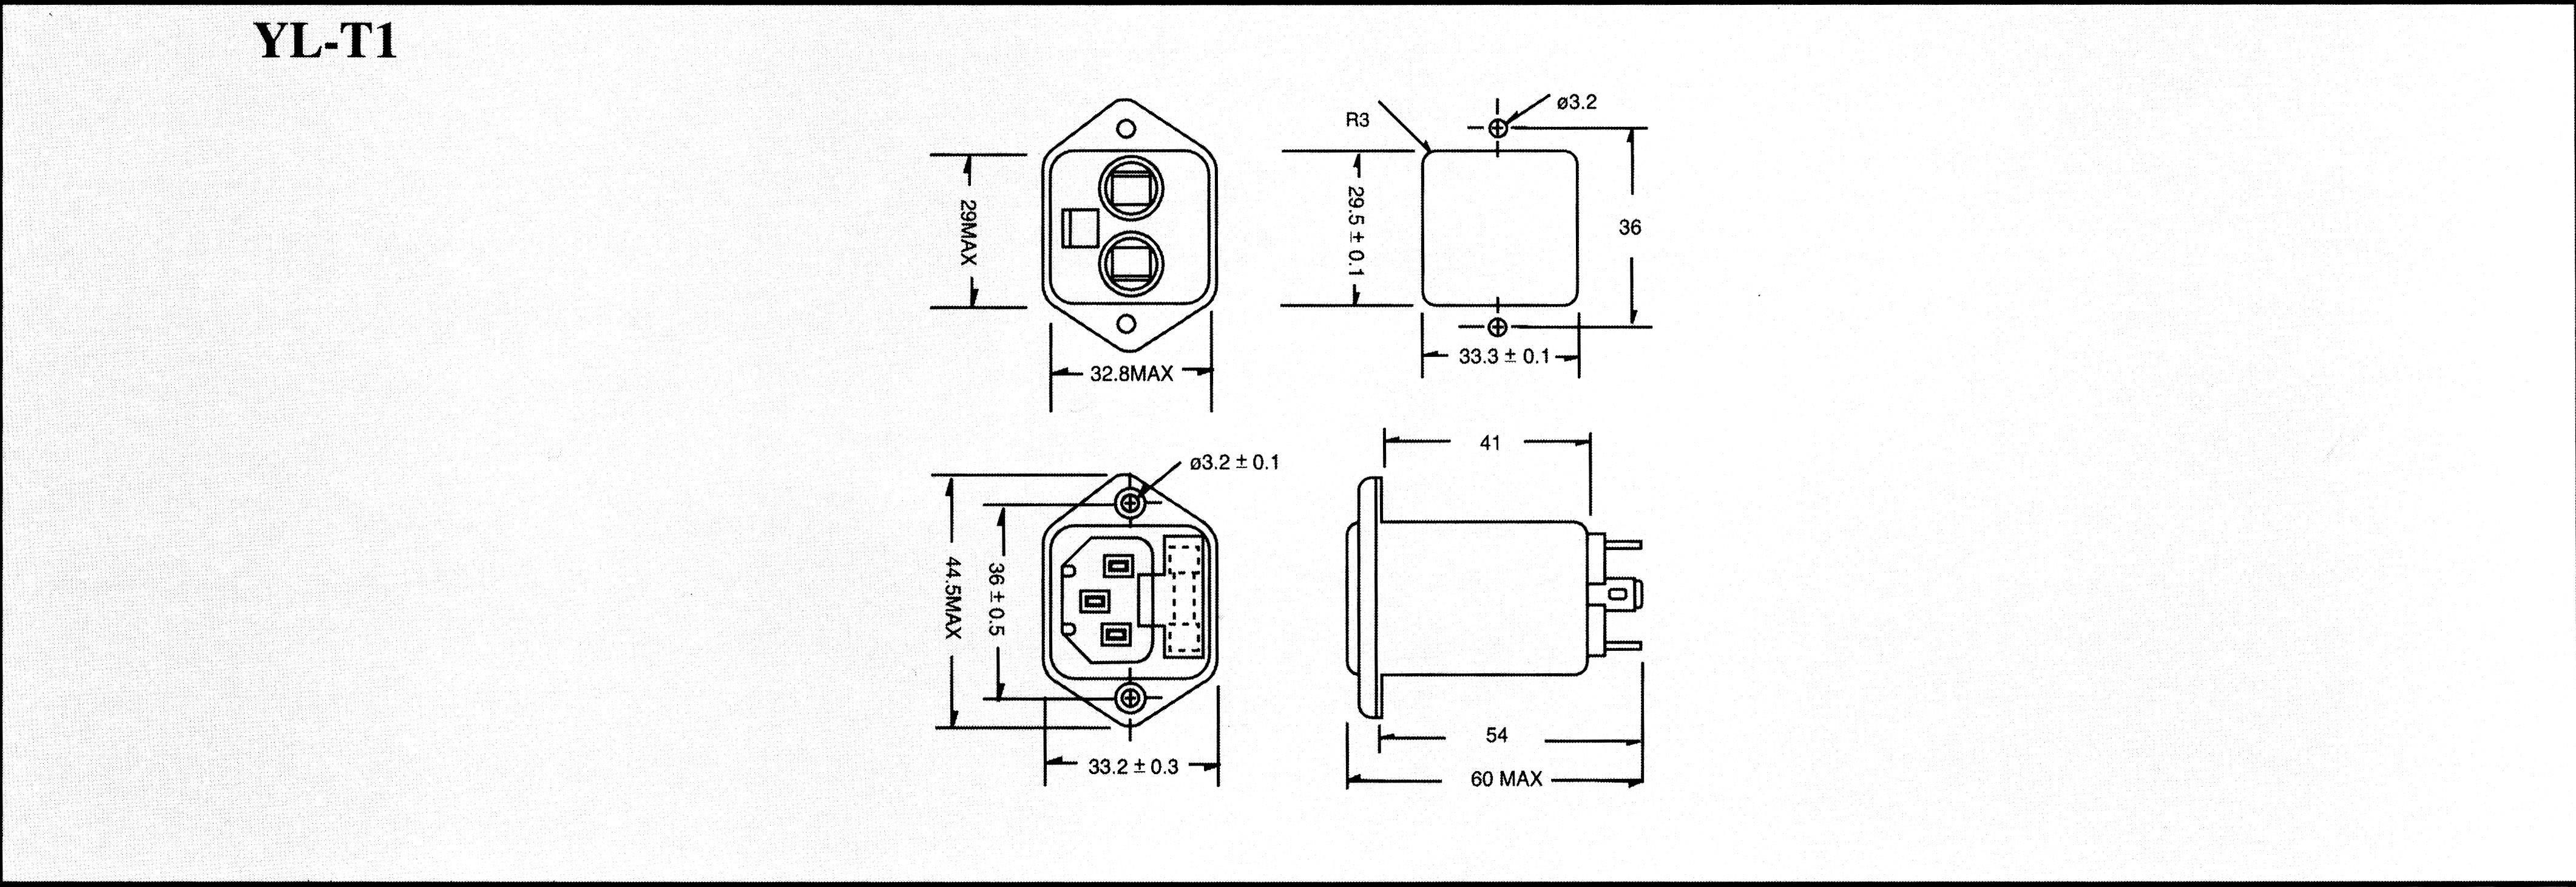 Sieťový filter Yunpen YL06T1 521486, s IEC zásuvkou, s poistkou, 250 V/AC, 6 A, 0.7 mH, (d x š x v) 60 x 45 x 33.5 mm, 1 ks